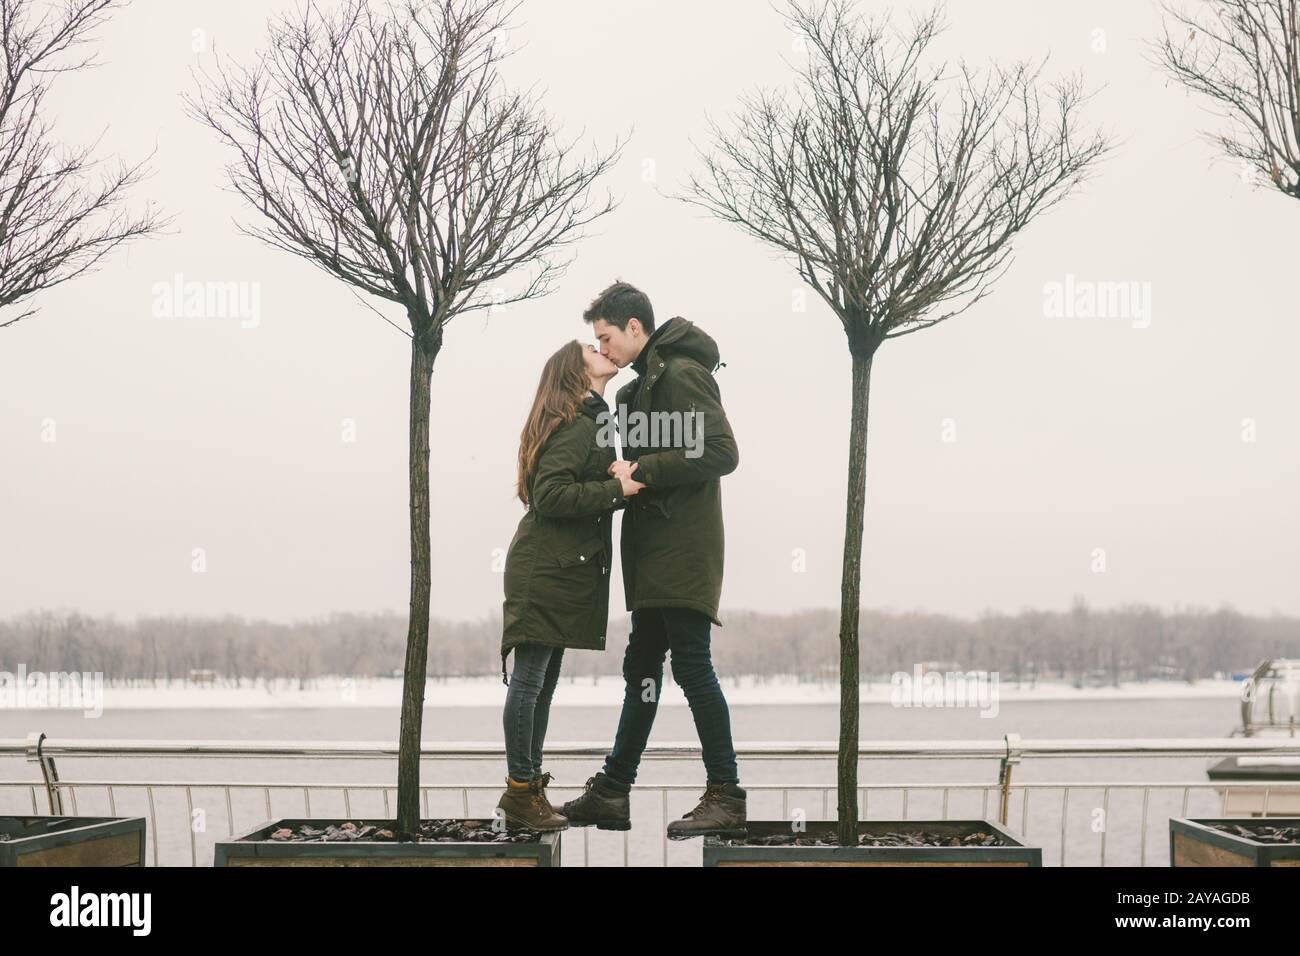 Una pareja heterosexual de jóvenes enamorados alumnas a un hombre y a una mujer caucásica. En invierno, en la plaza de la ciudad cubierta de hielo, Foto de stock